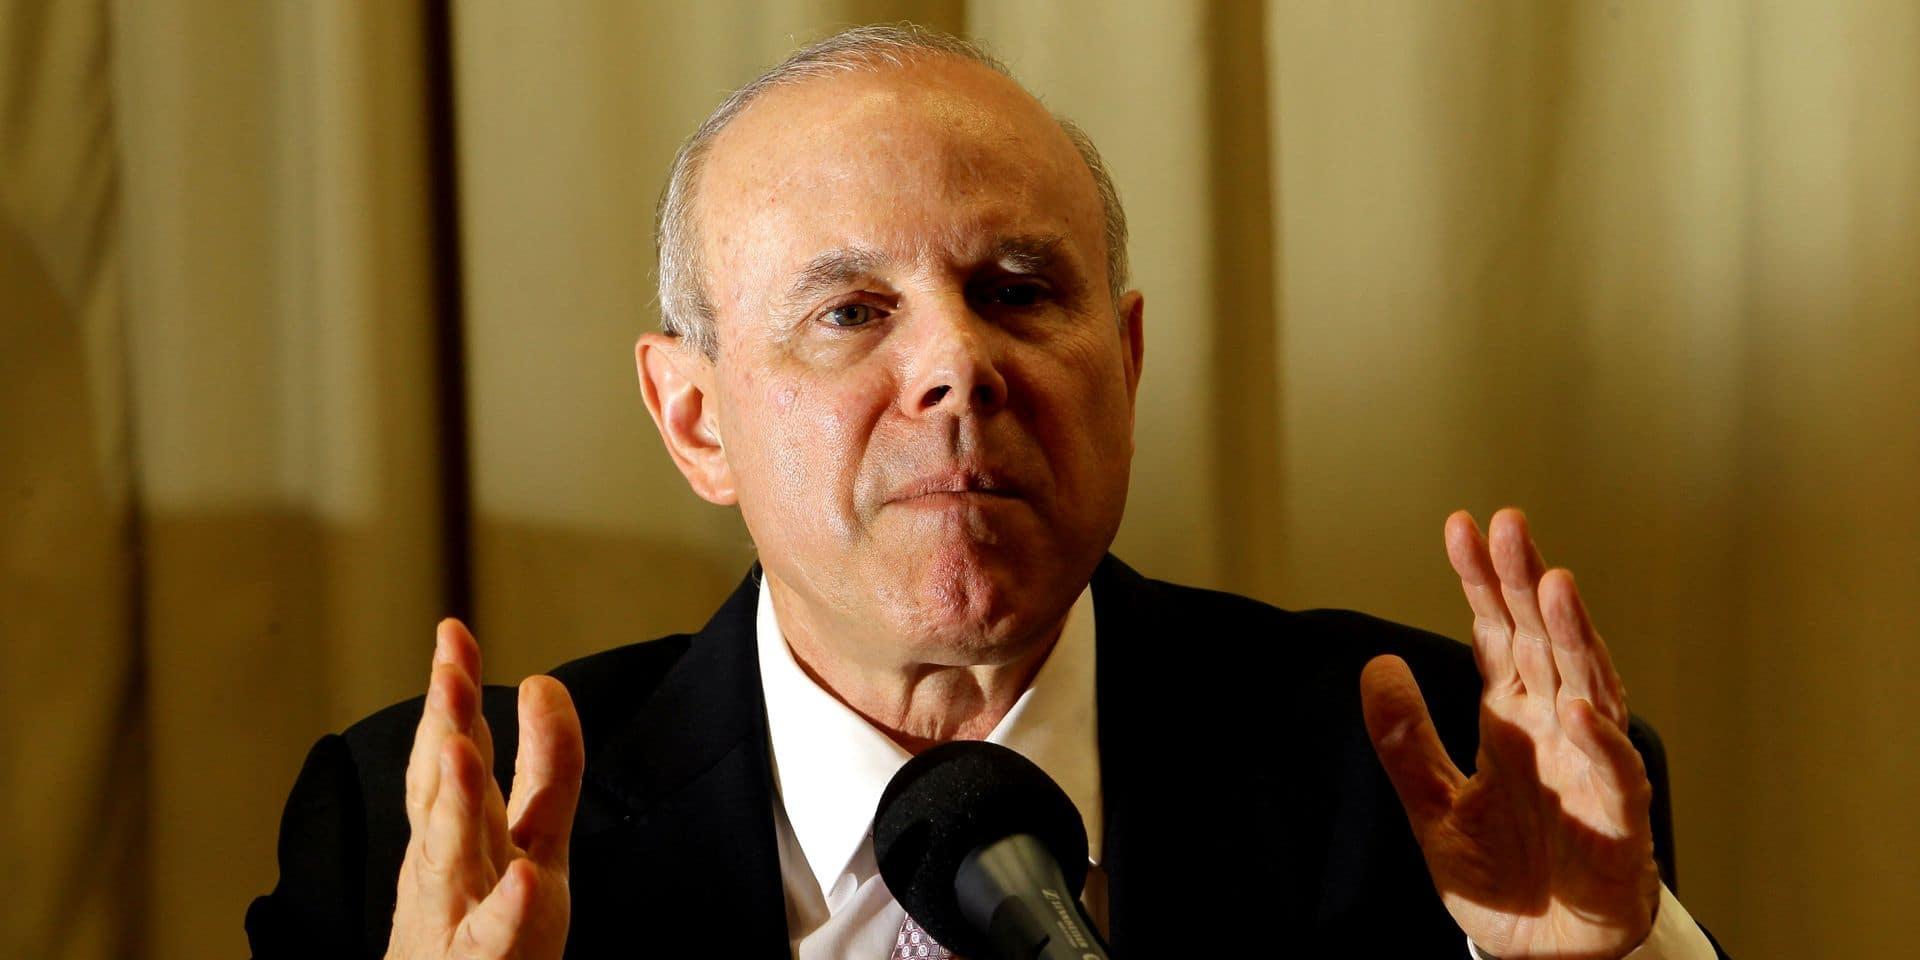 Le grand favori pour l'élection présidentielle au Brésil est inculpé pour corruption